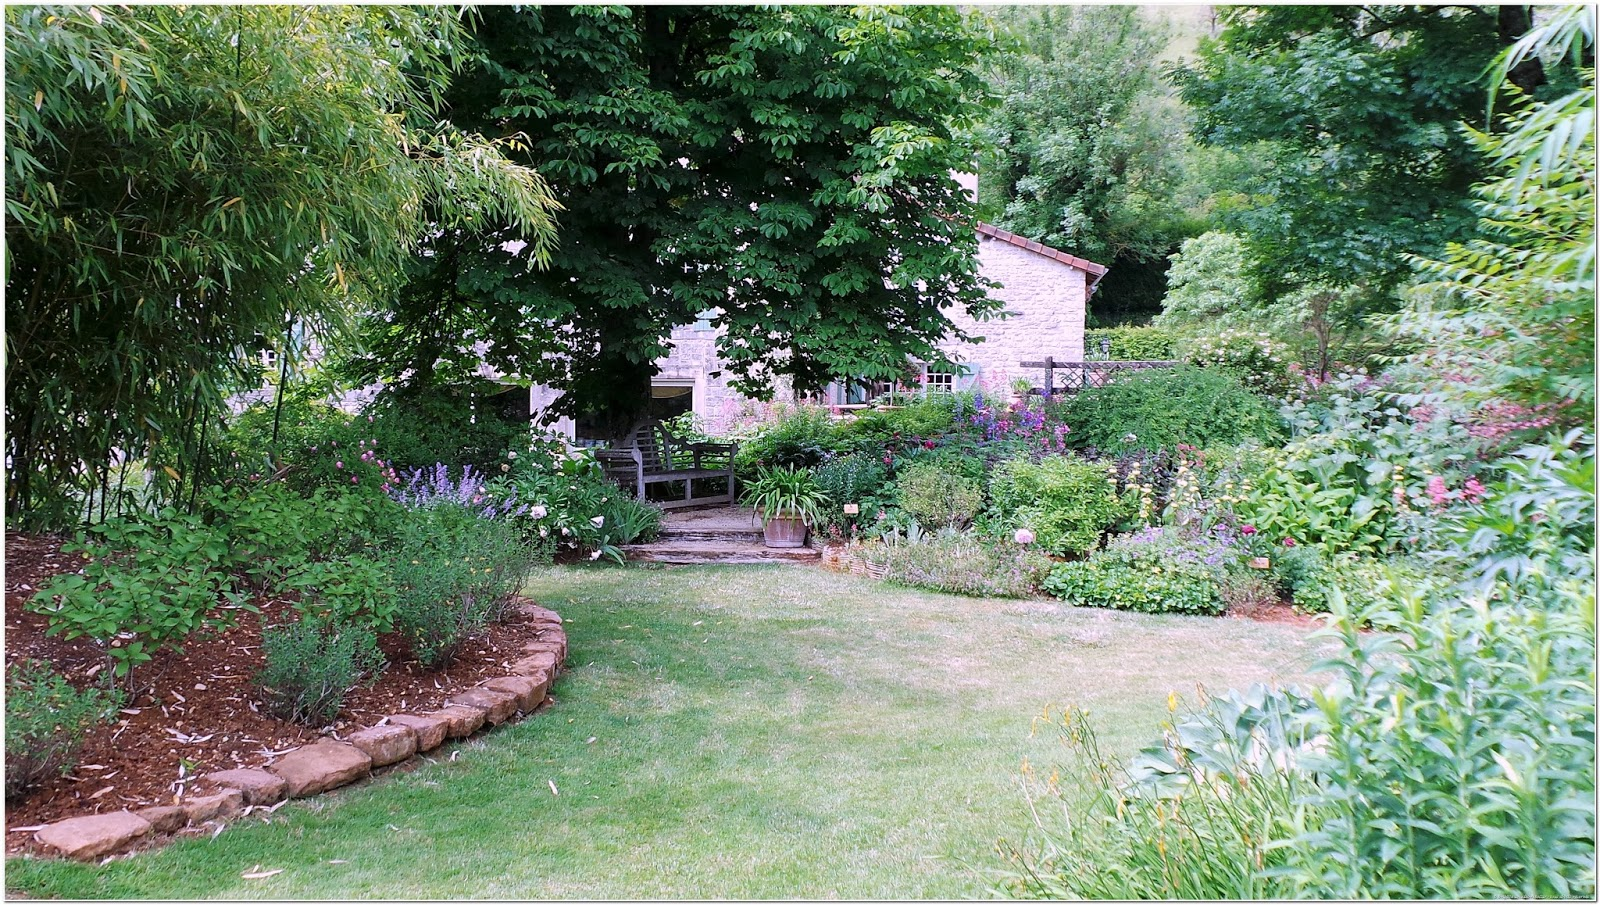 De moi vous jardins de mon moulin juin 2015 for Jardin lune juin 2015